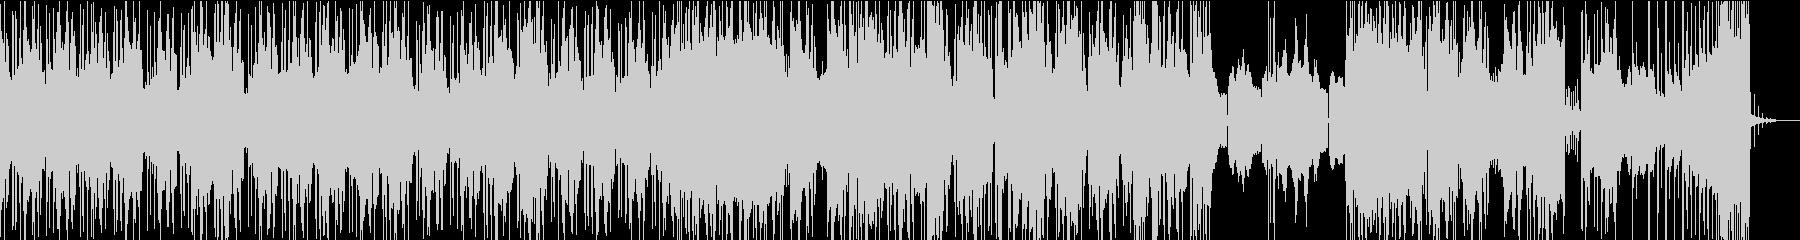 クール エレクトロ シティポップの未再生の波形